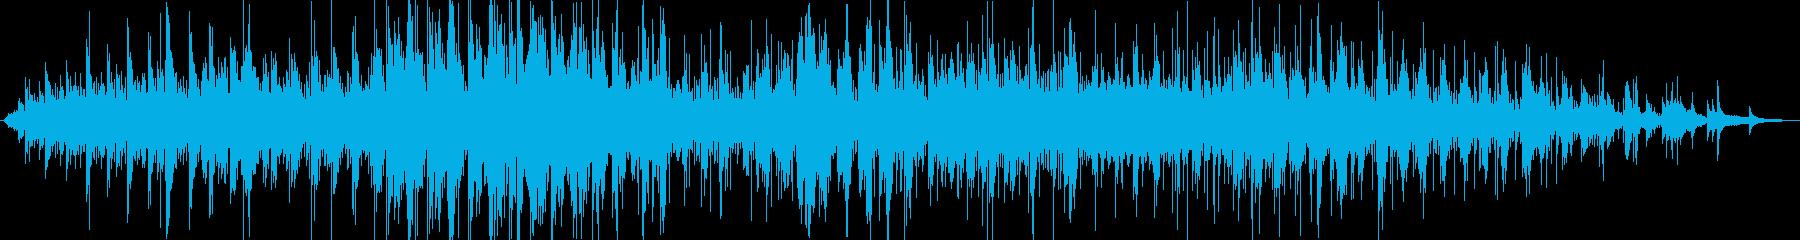 Cold Pianoの再生済みの波形